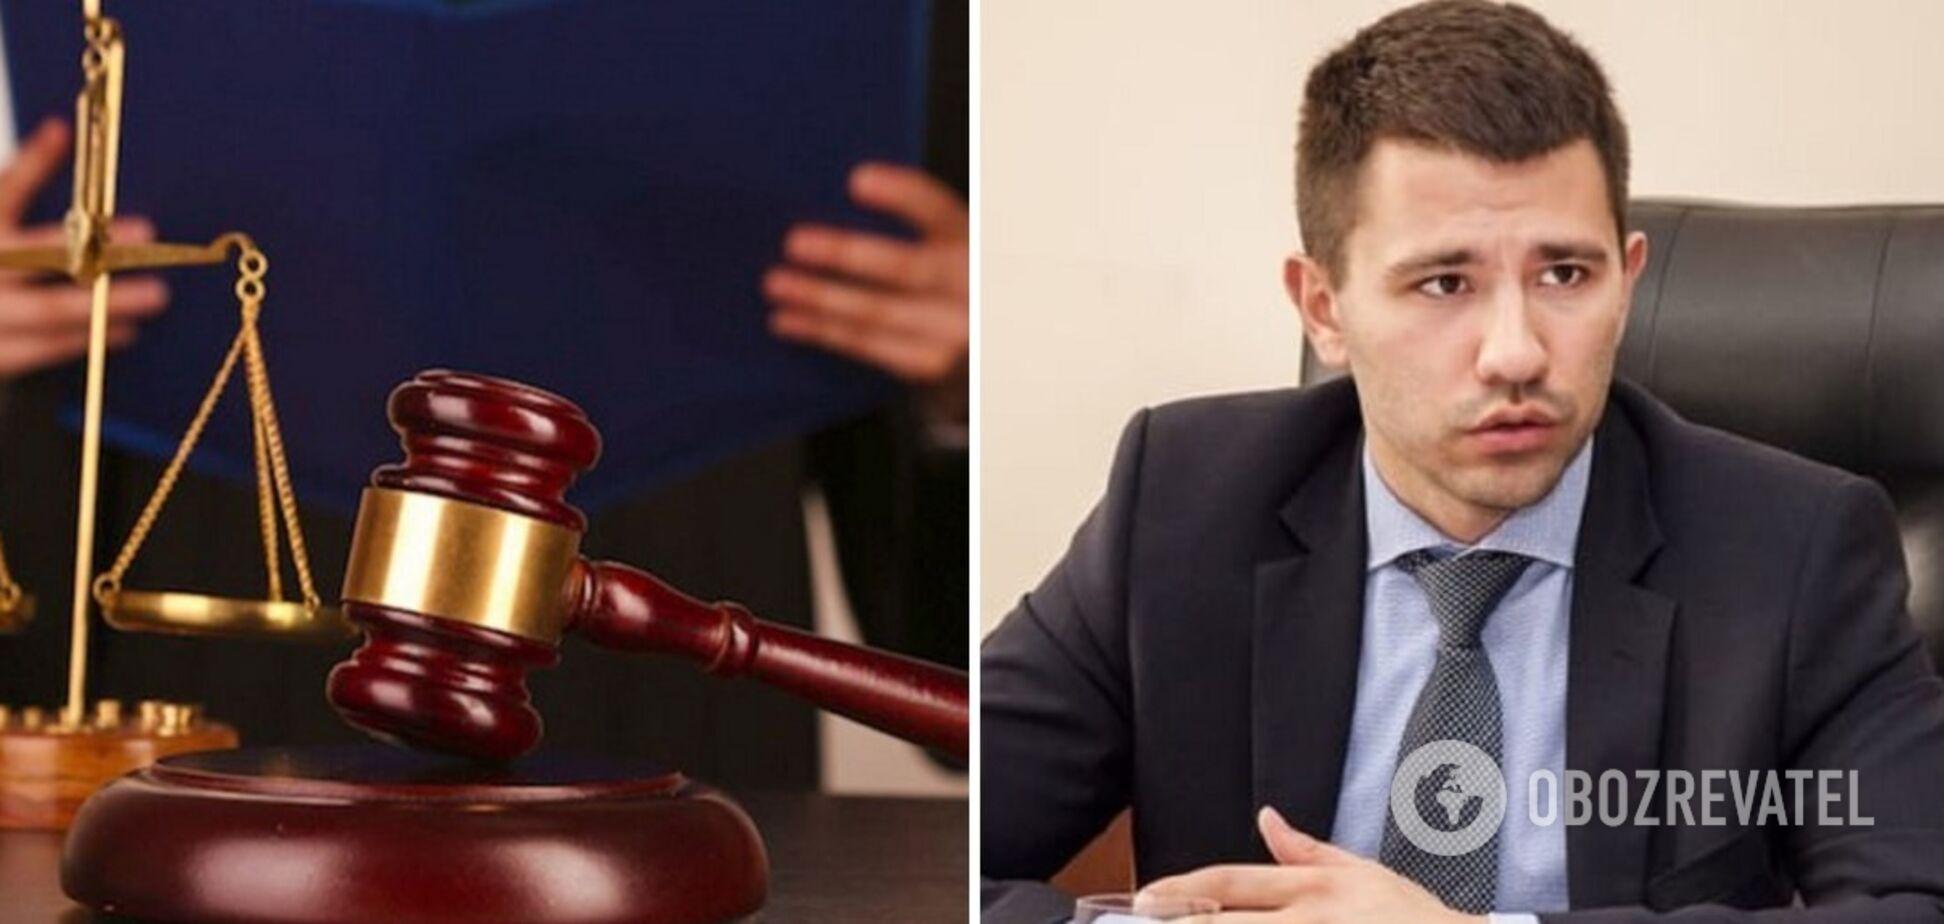 Суд удовлетворил ходатайство Барбула и арестовал ряд сайтов